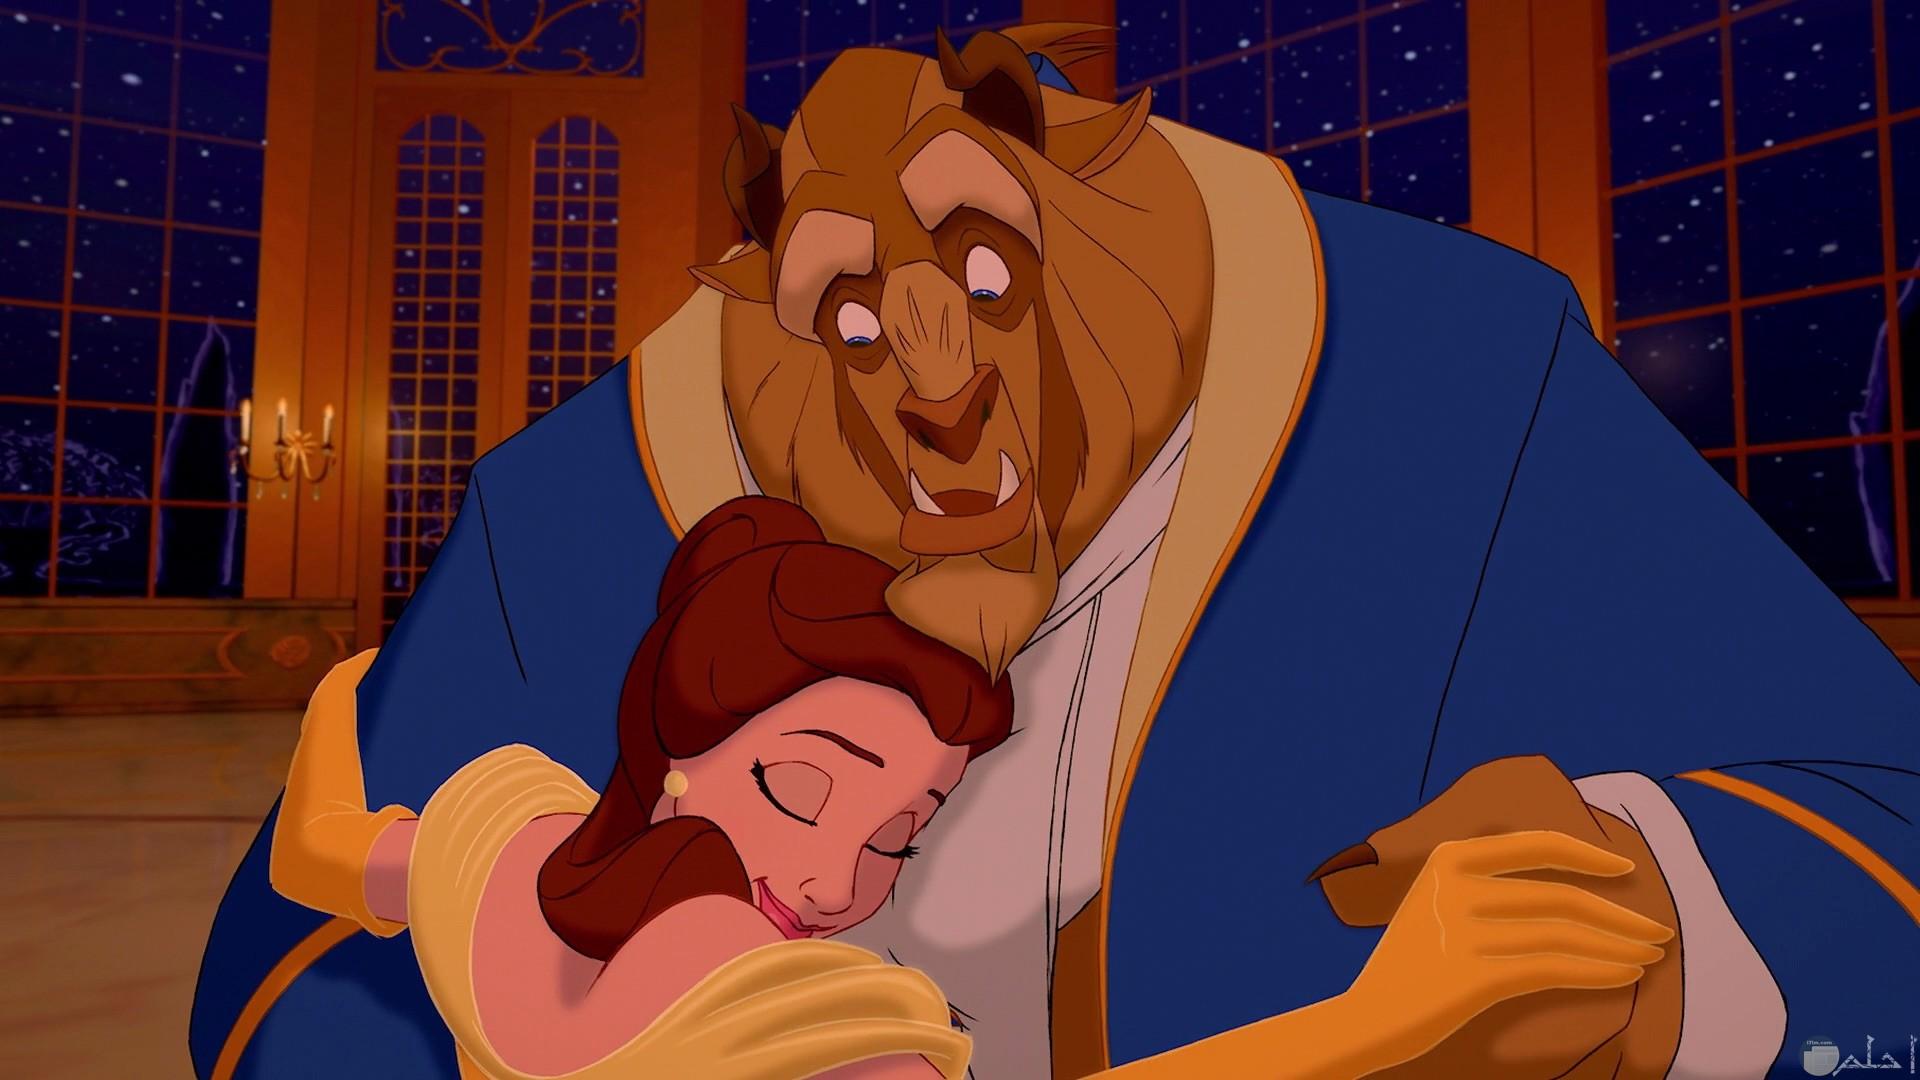 قصة حب الأميرة بل والأمير المسحور في صورة وحش